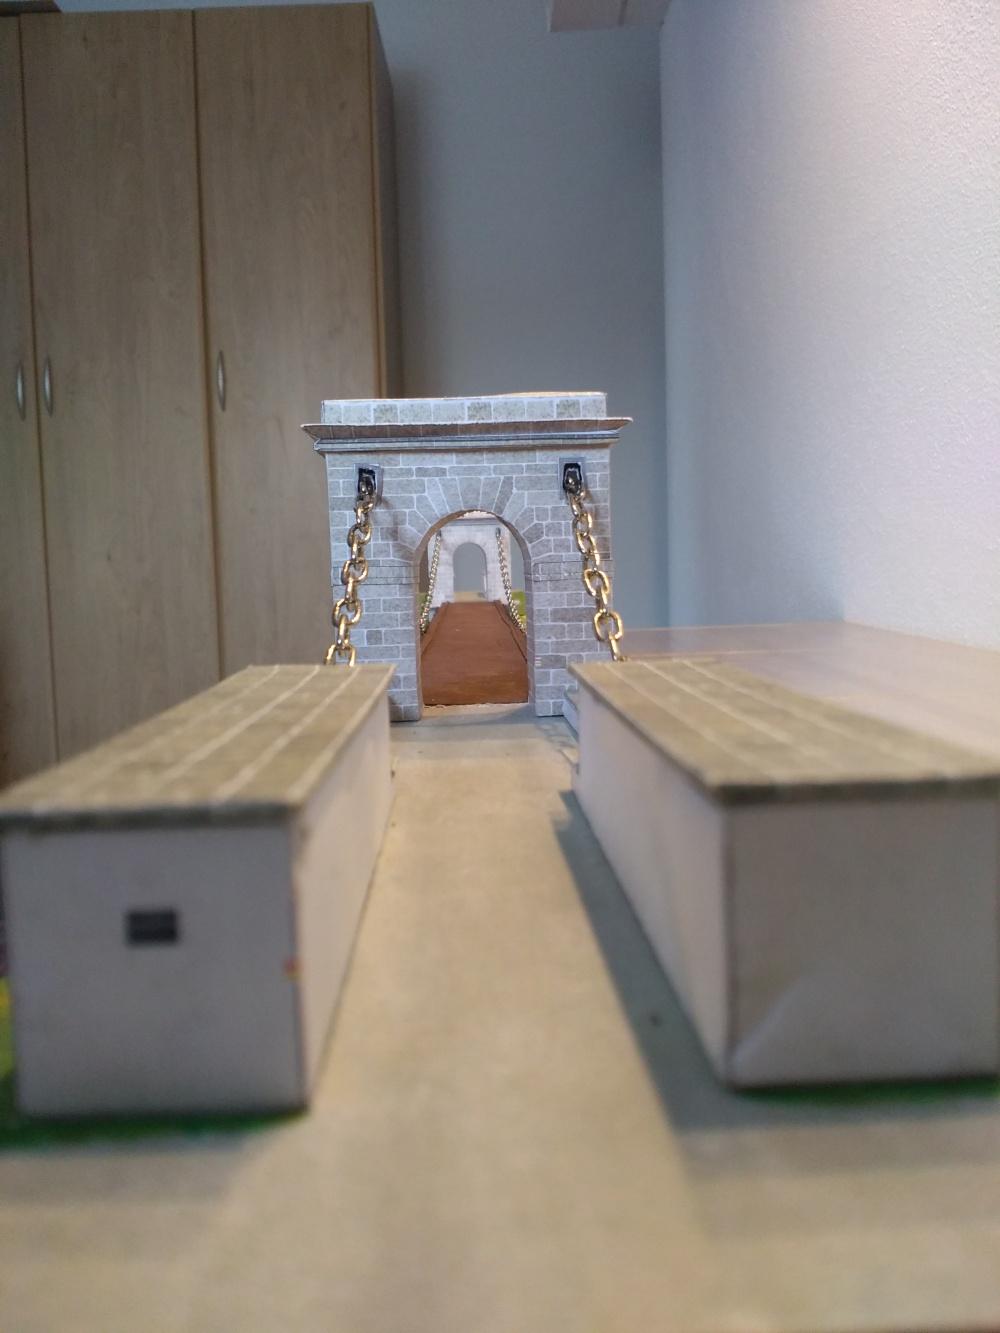 Stádlecký (Řetězový) most